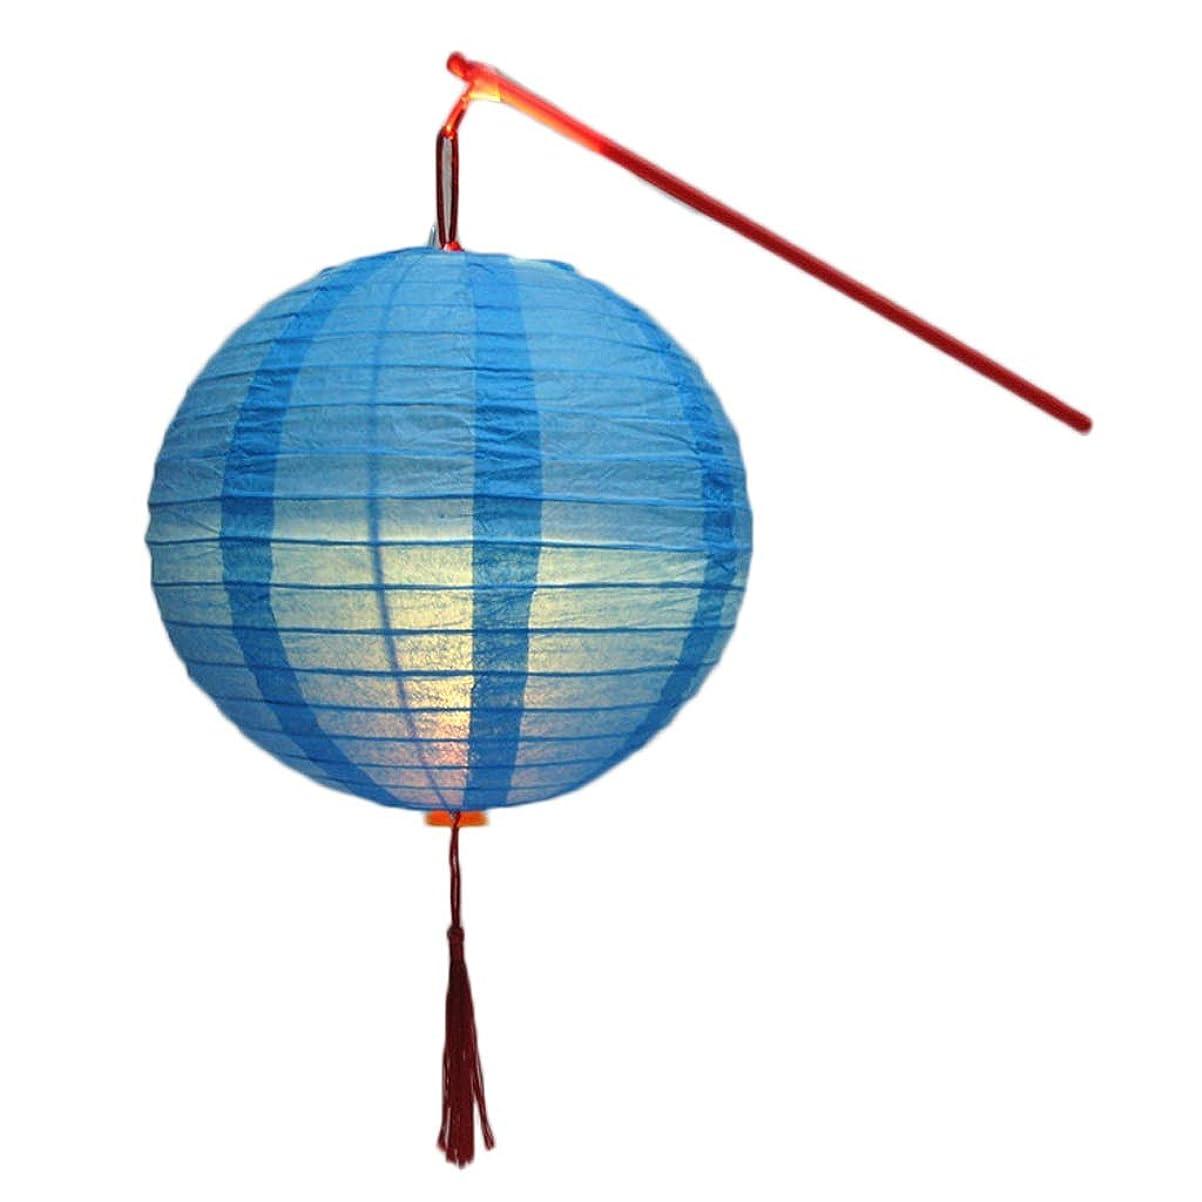 貞戦略カード中国のランタン子供のポータブルランタン - アンティークフォトの写真の小道具のための子供のLEDルミナスおもちゃランタン (Color : Blue)